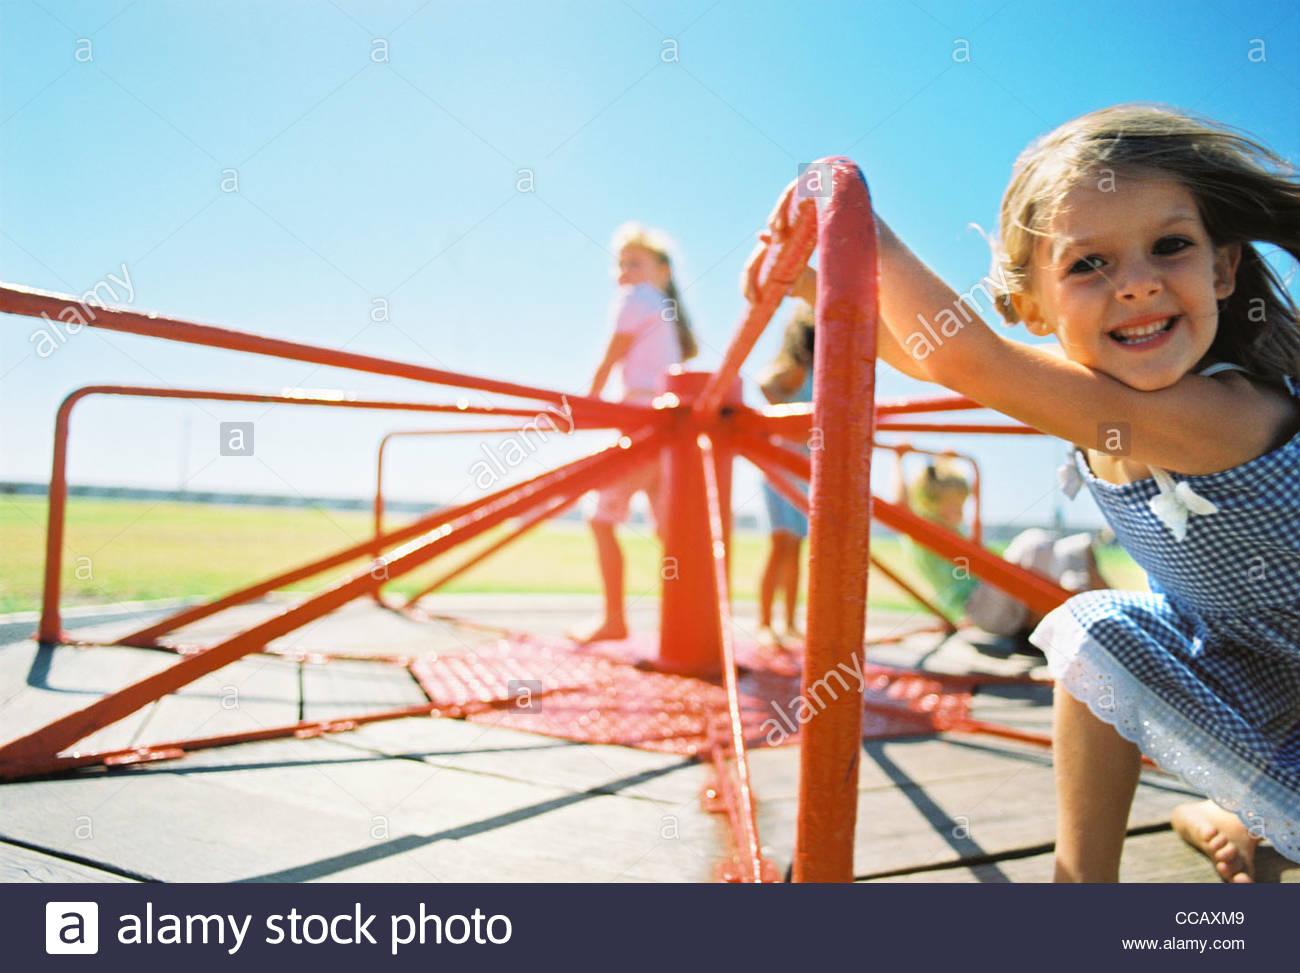 Kinder reiten auf Spielplatz-Karussell Stockbild